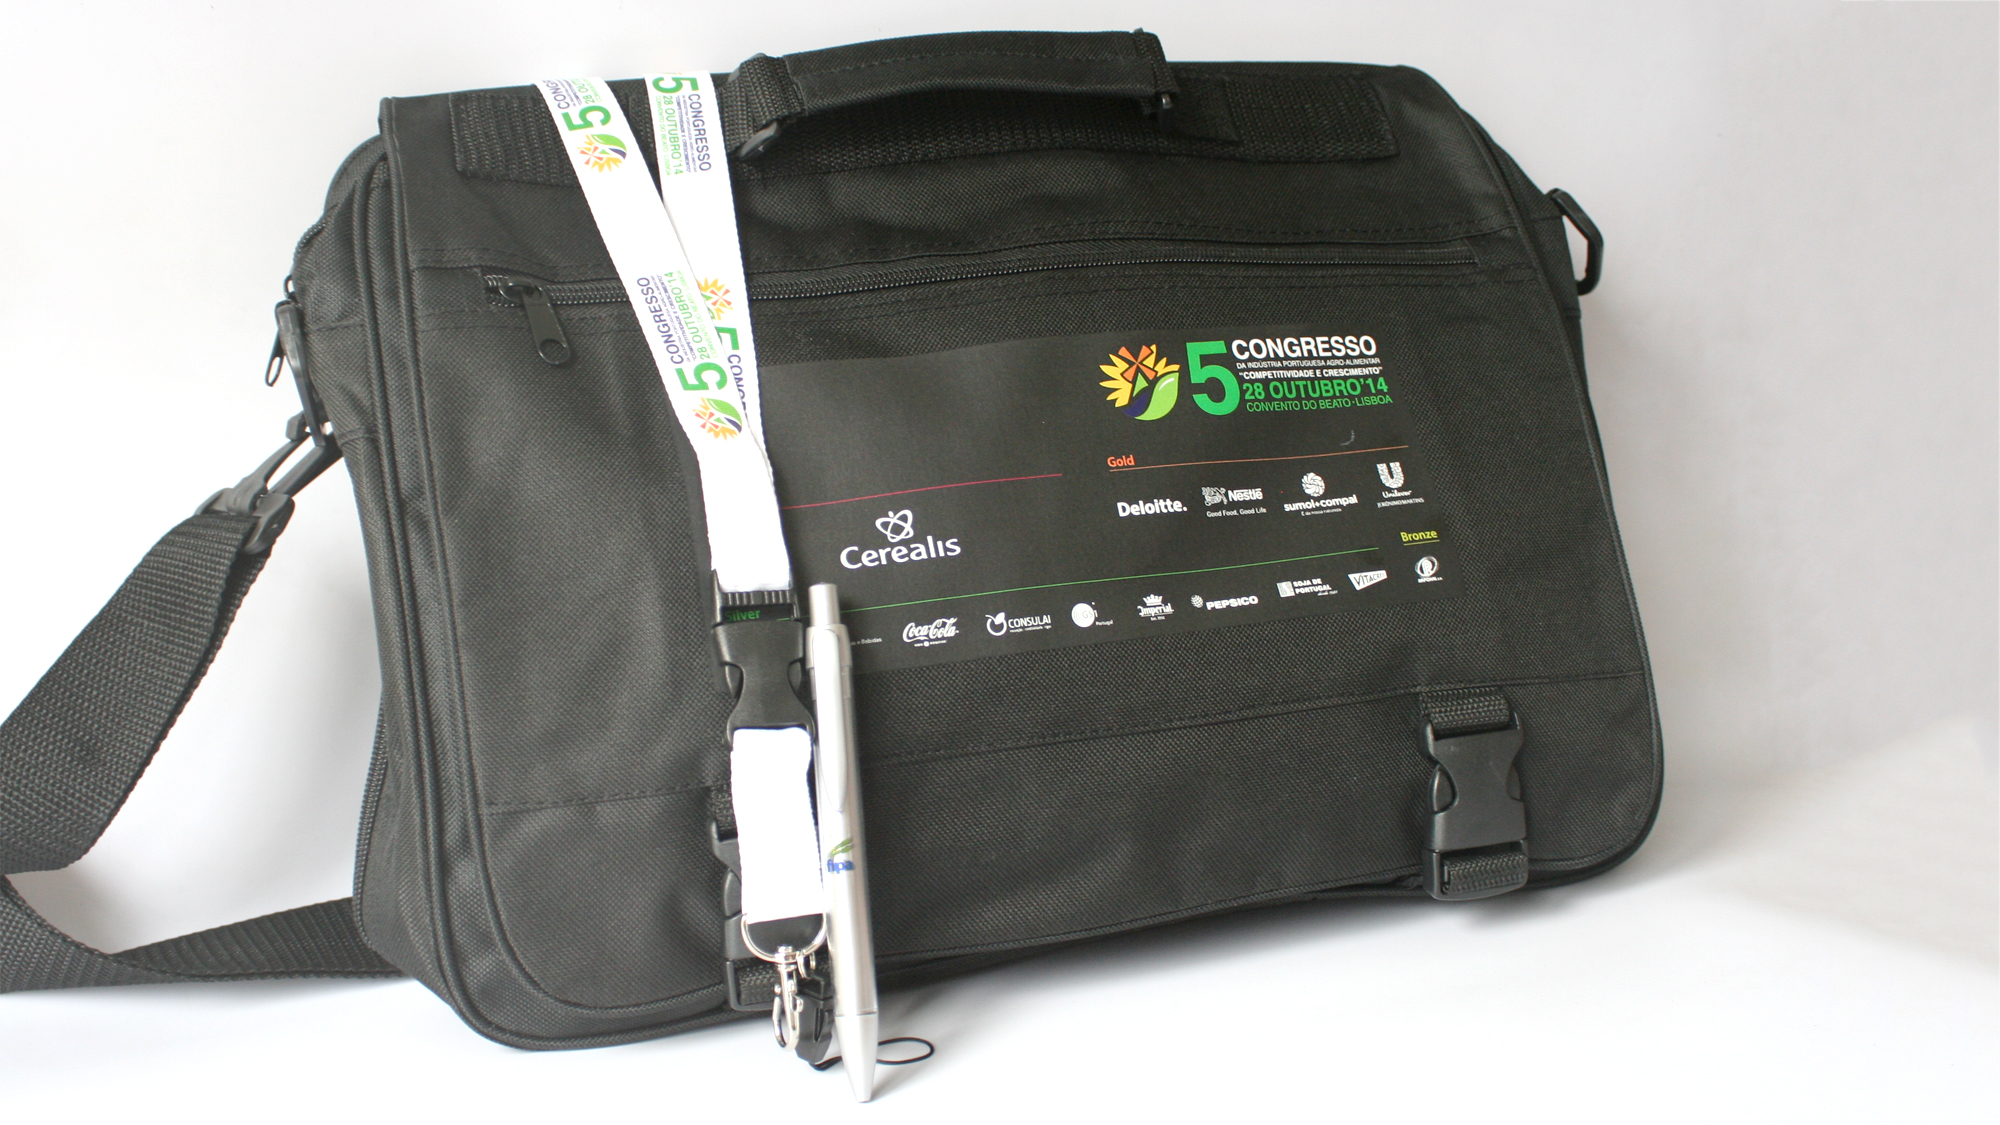 FIPA | Materiais de Comunicação 5º Congresso Indústria Agro-Alimentar